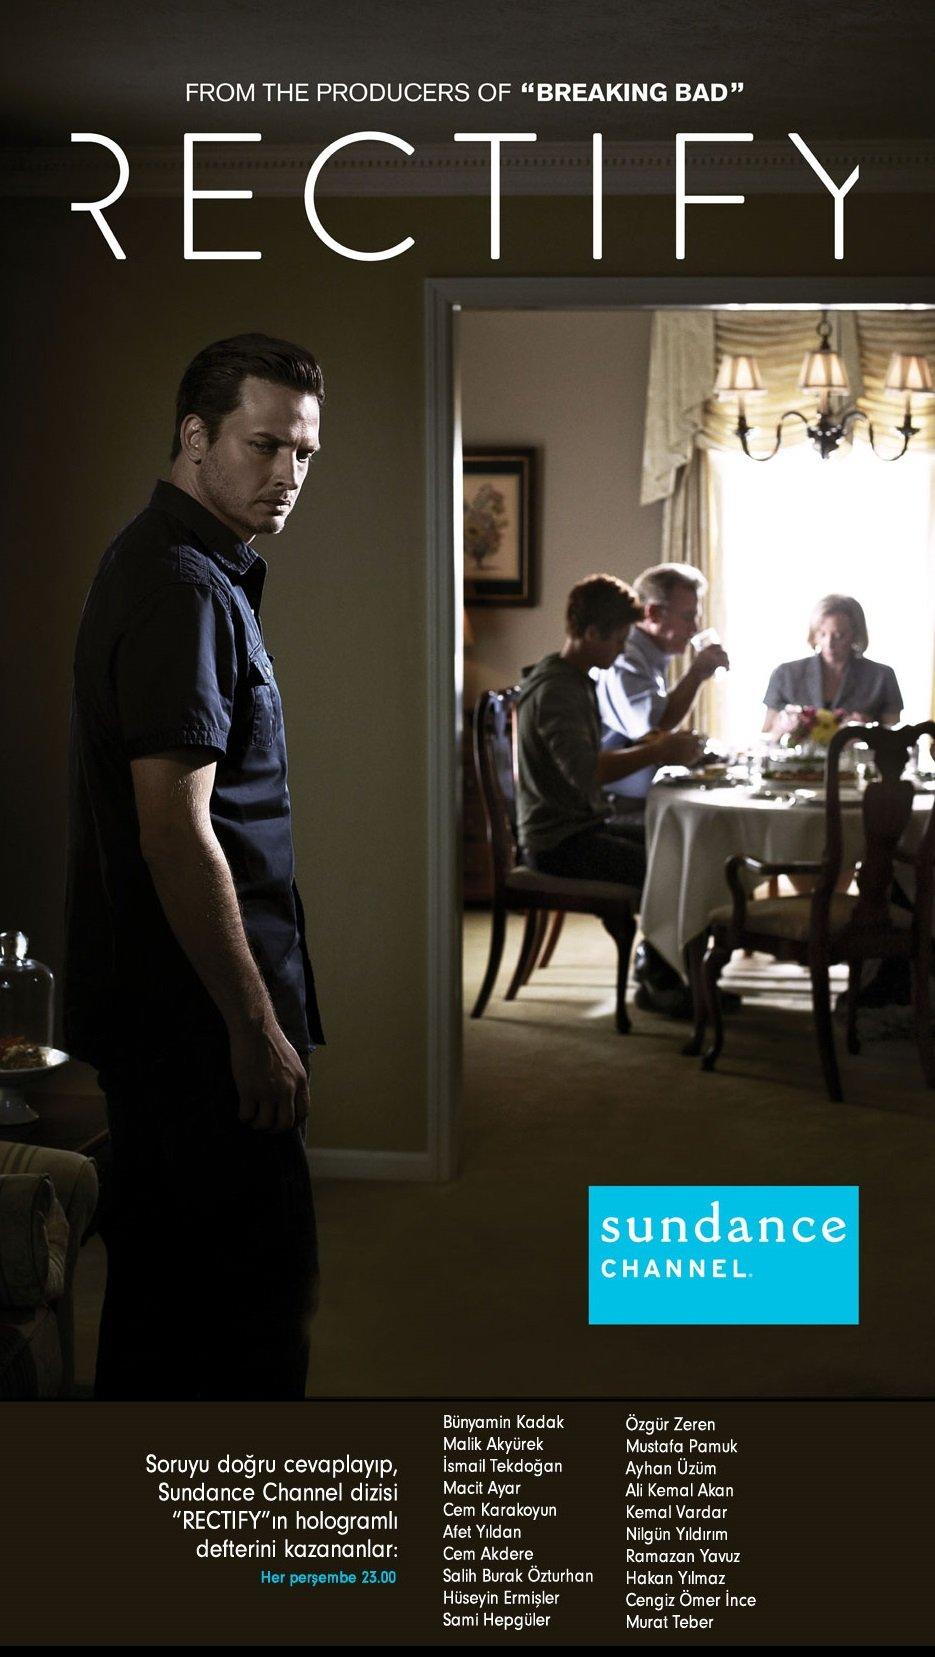 Как SundanceTV прививает любовь к инди-кино и неформатным сериалам. - Изображение 15